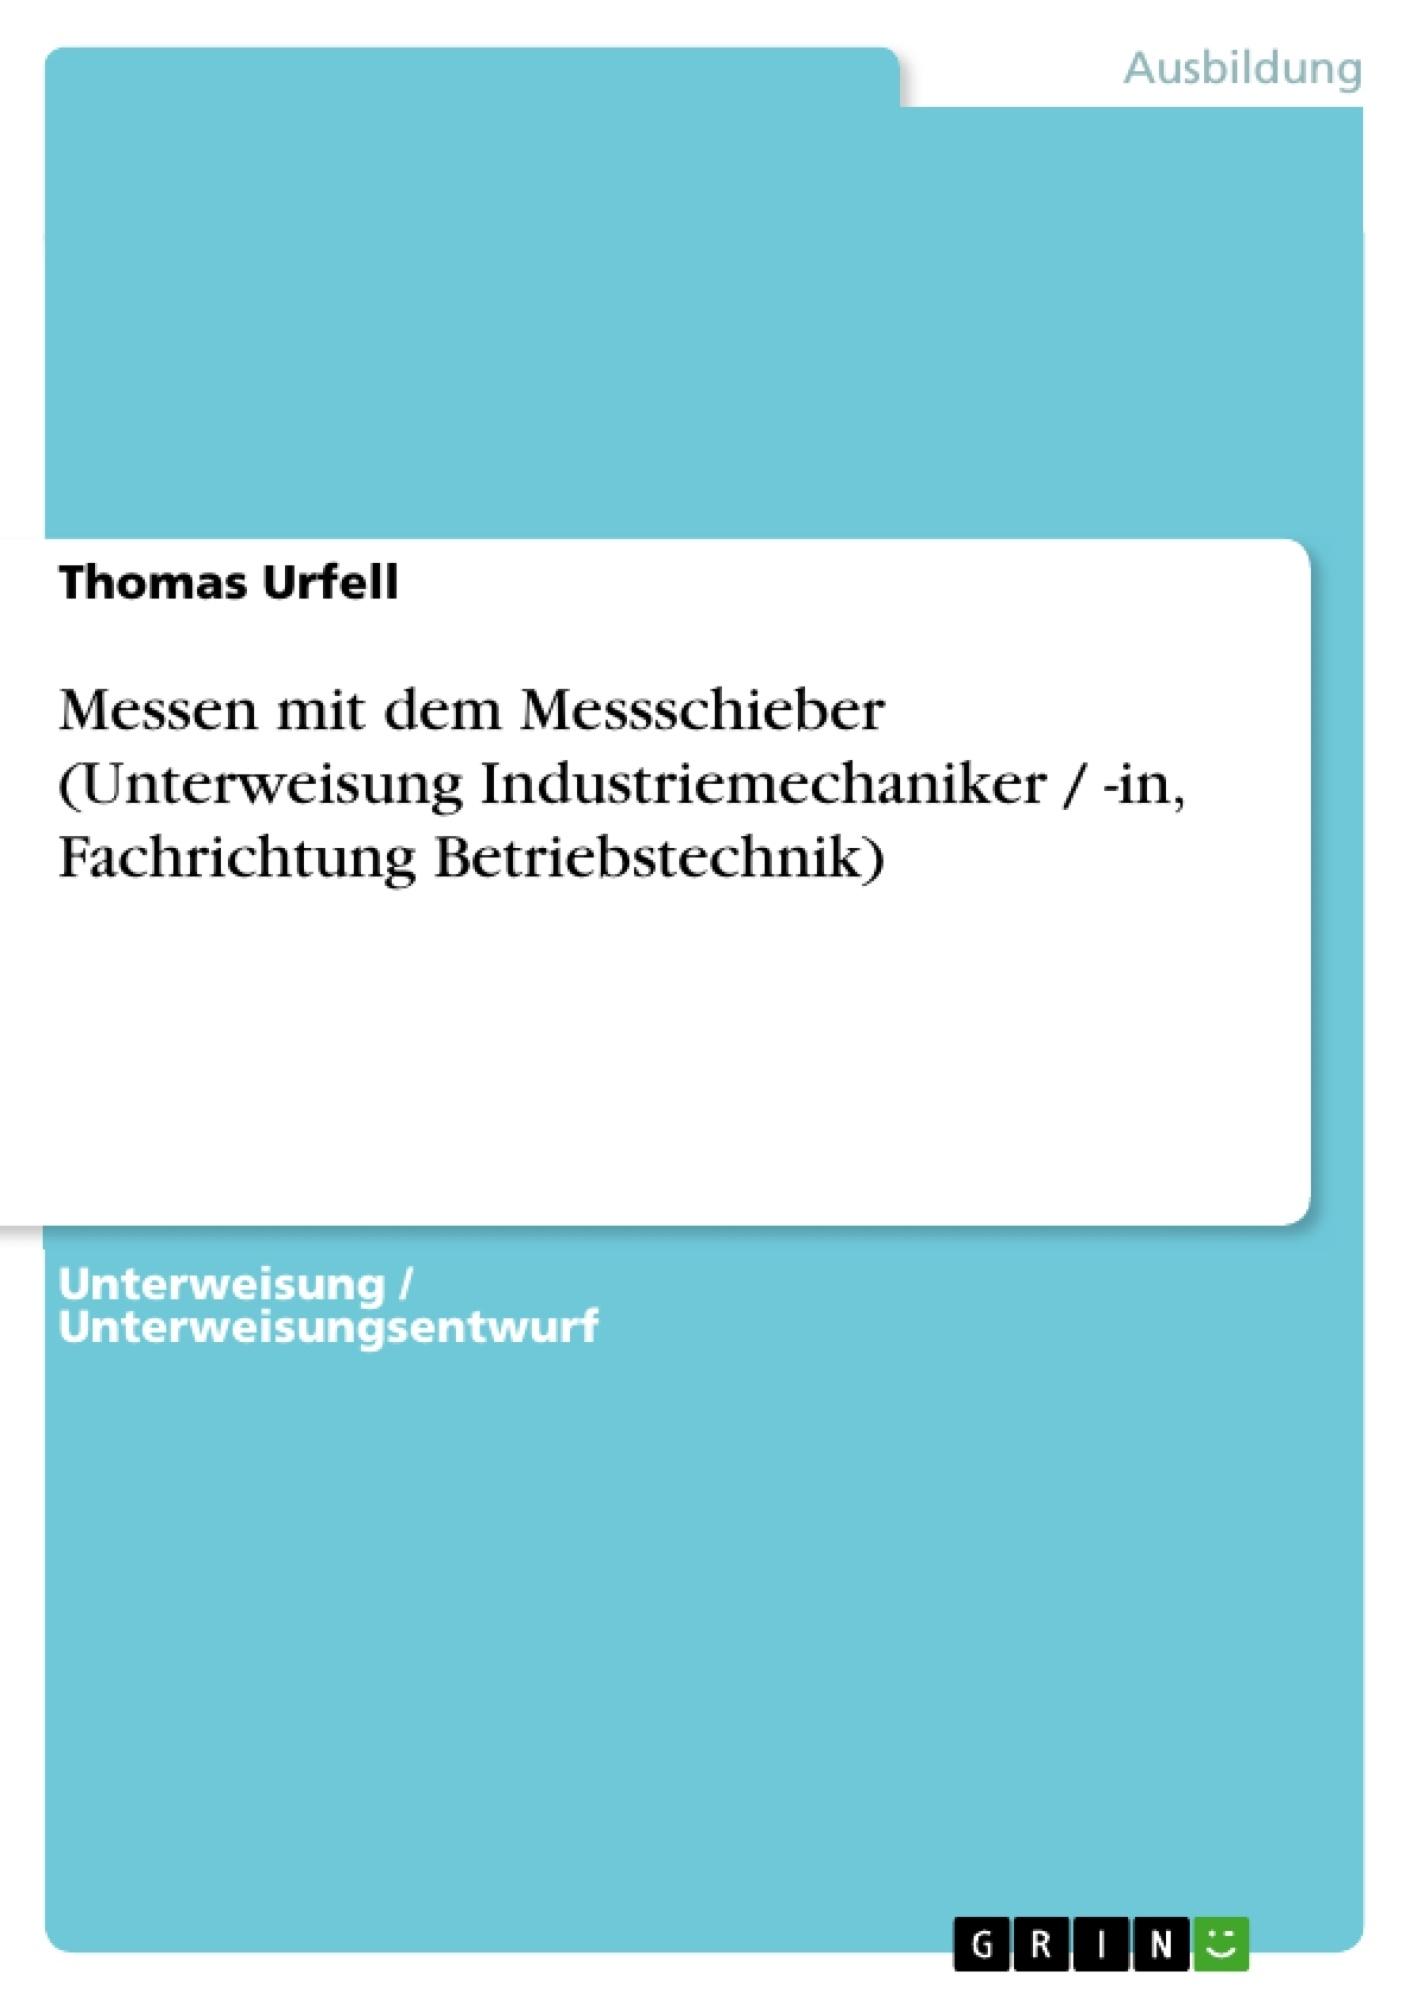 Titel: Messen mit dem Messschieber (Unterweisung Industriemechaniker / -in, Fachrichtung Betriebstechnik)